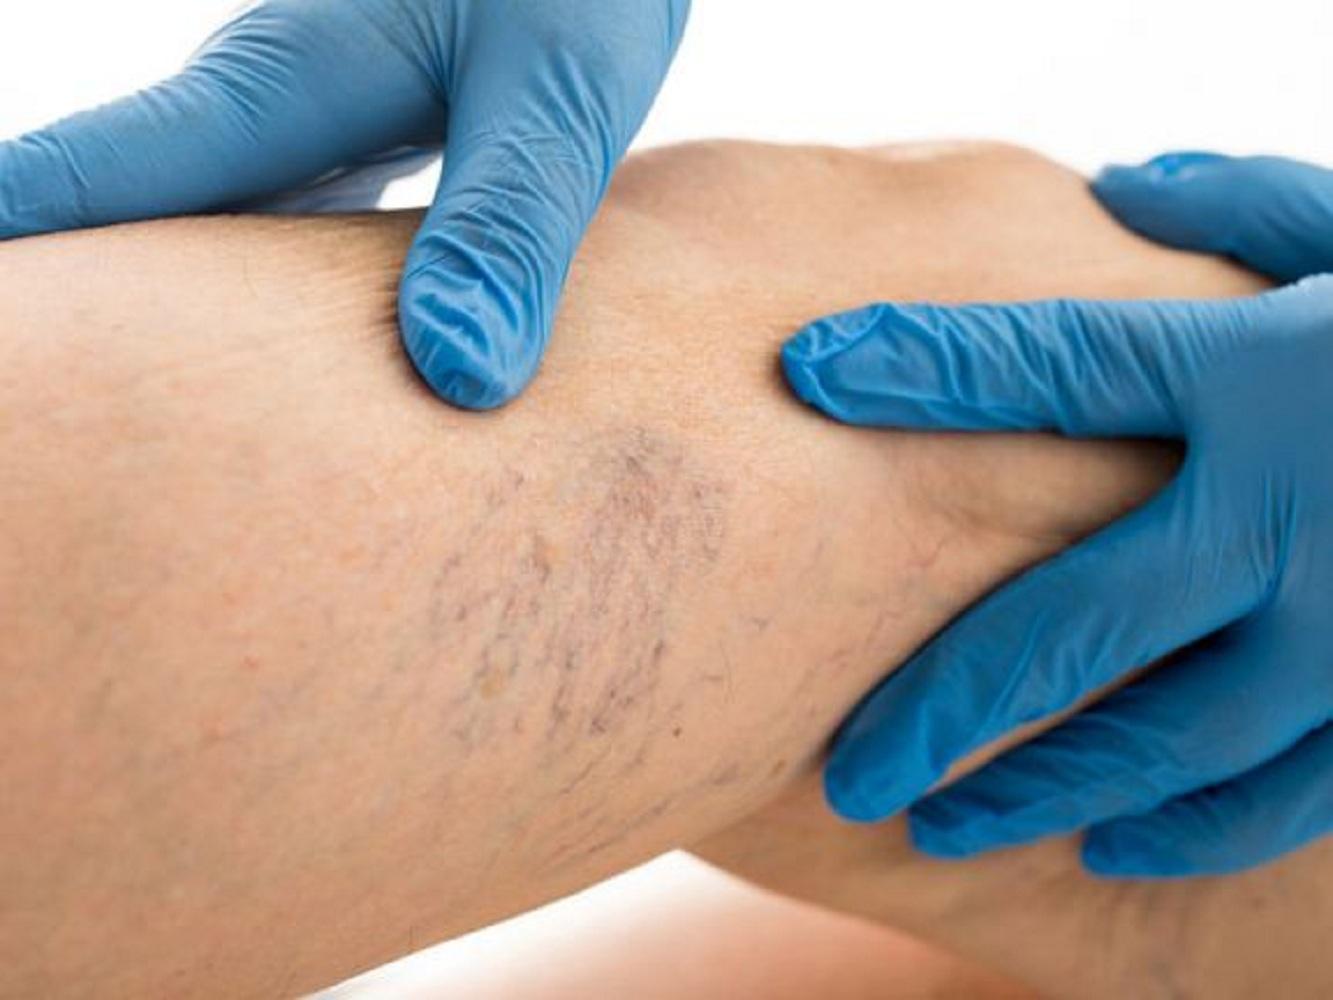 nyirokelvezetés és visszeres eljárás visszér a lábakban hogyan kell kezelni